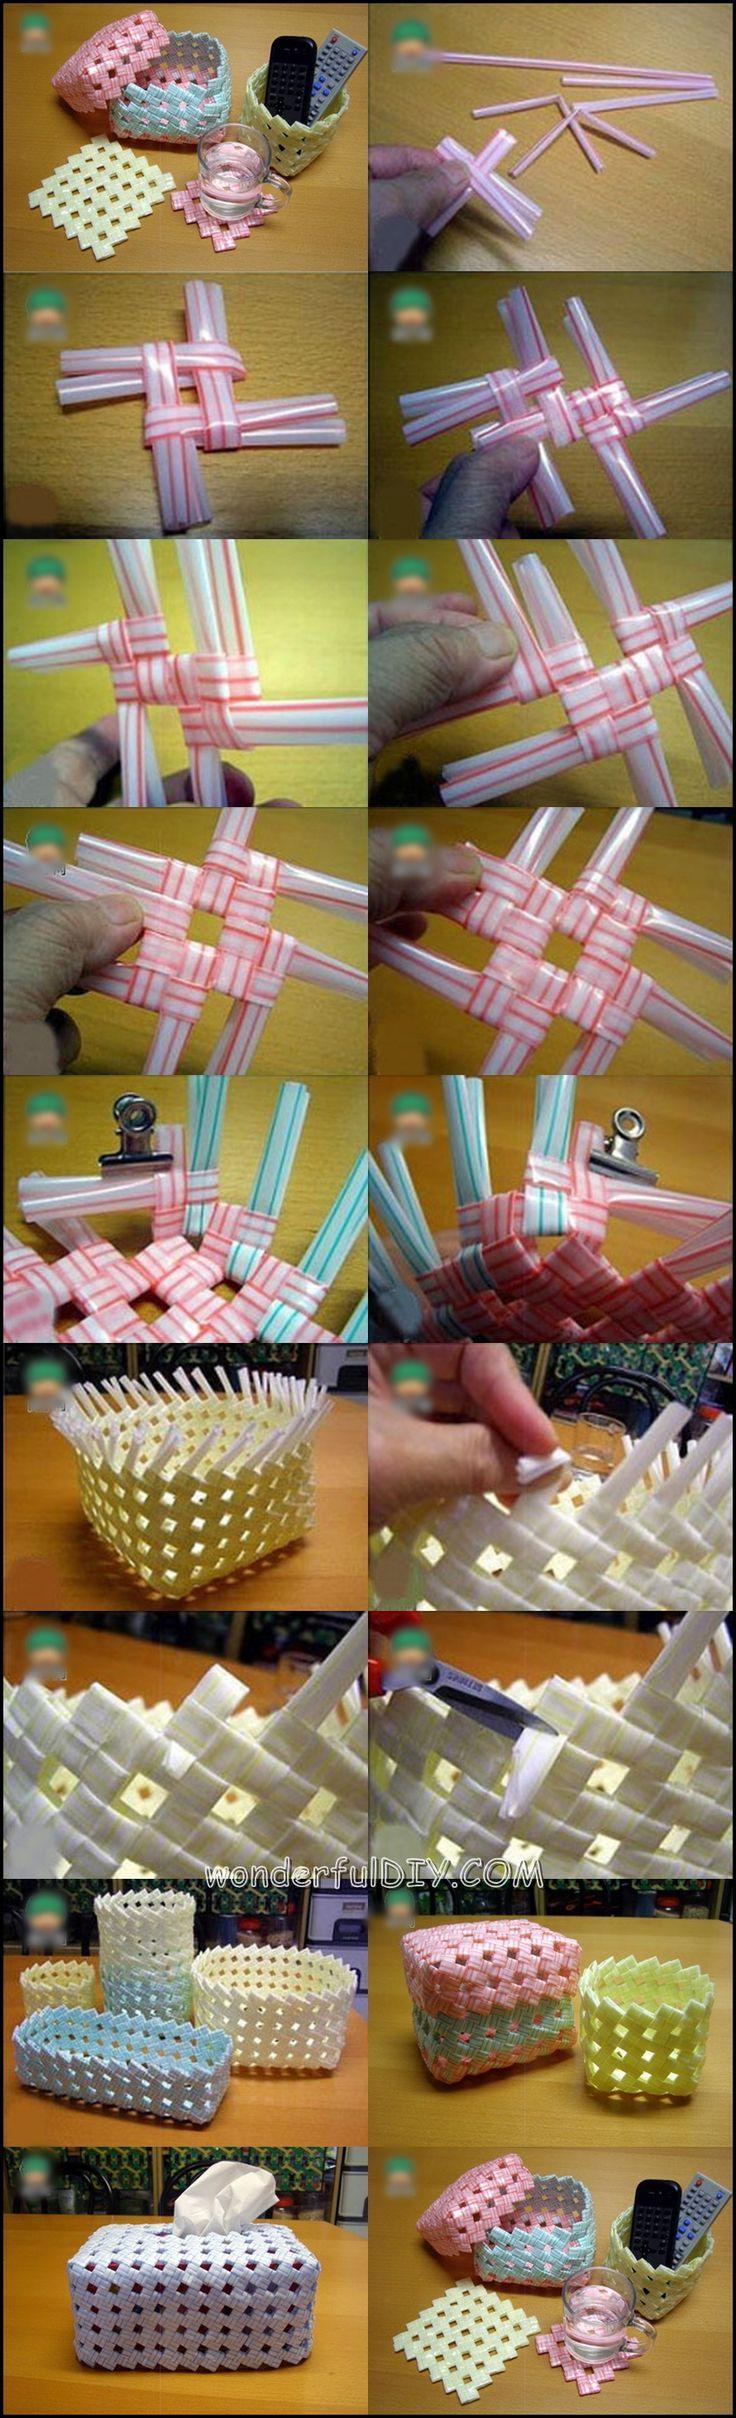 Wonderful DIY Creative Drinking Straw Basket | WonderfulDIY.com: